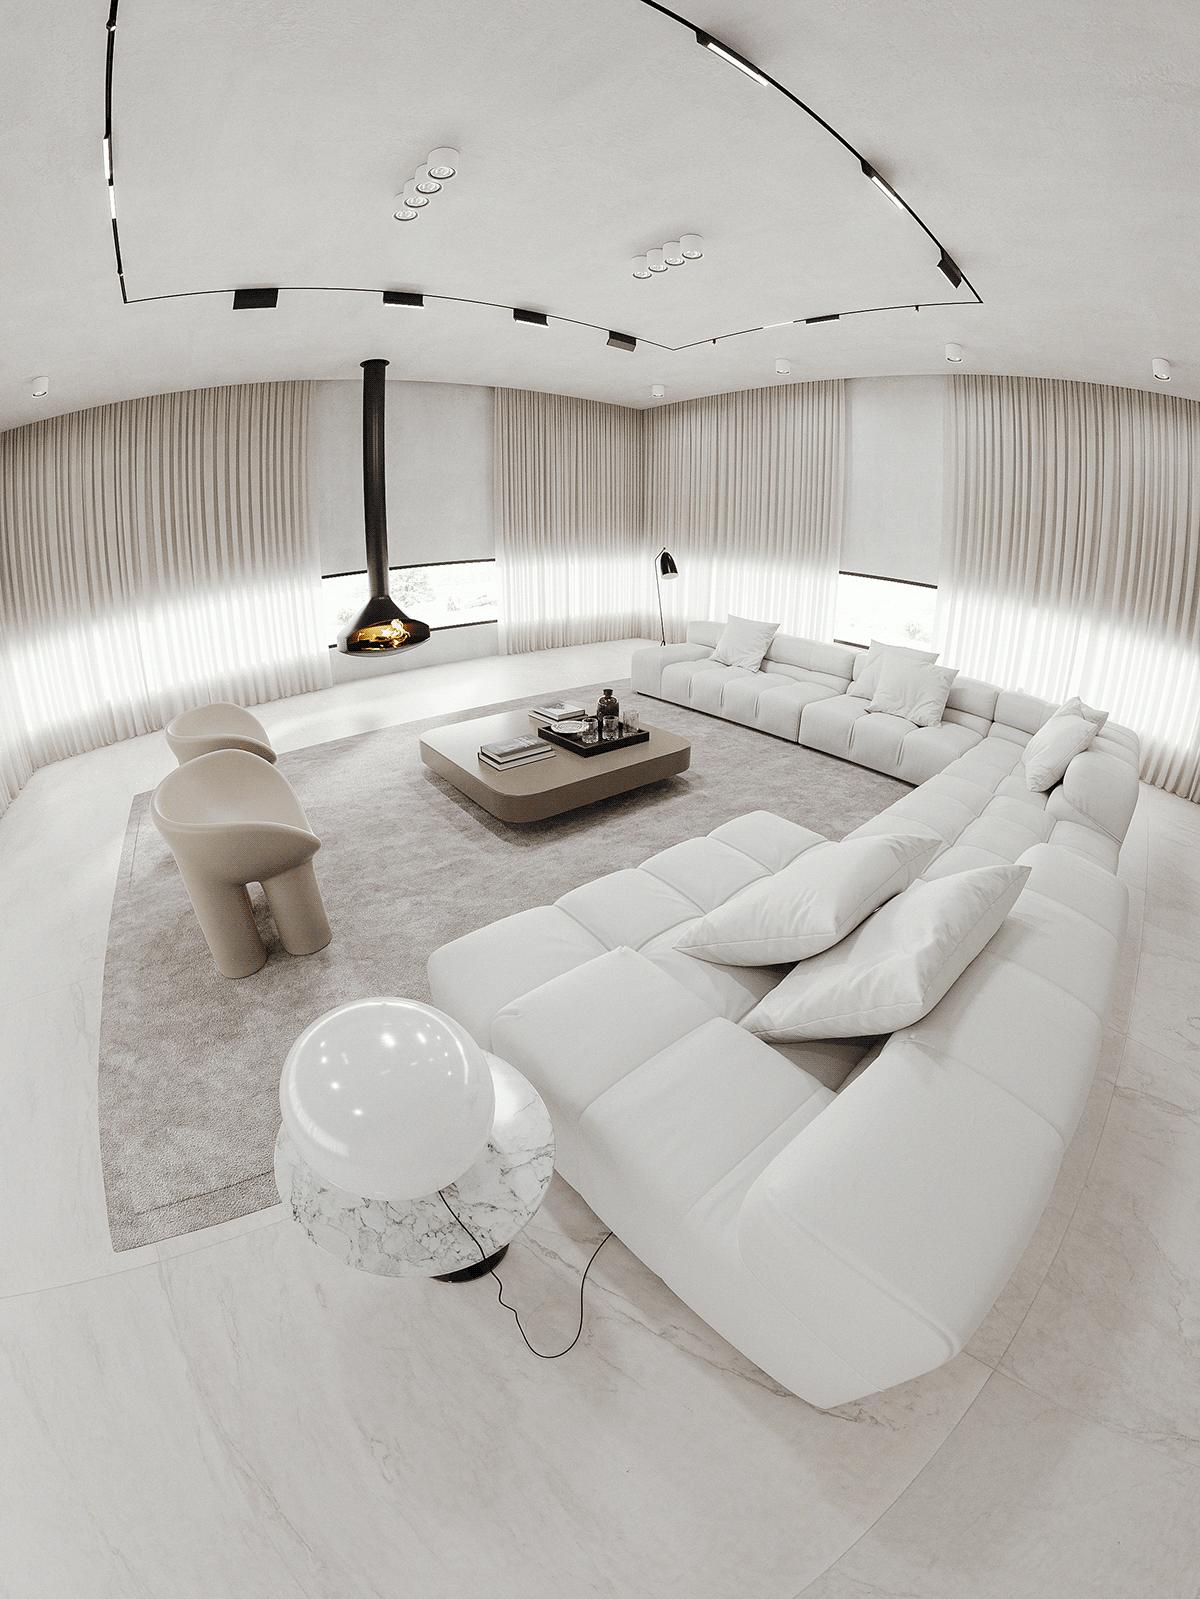 Autodesk Room Design: 收藏到 Interior Design